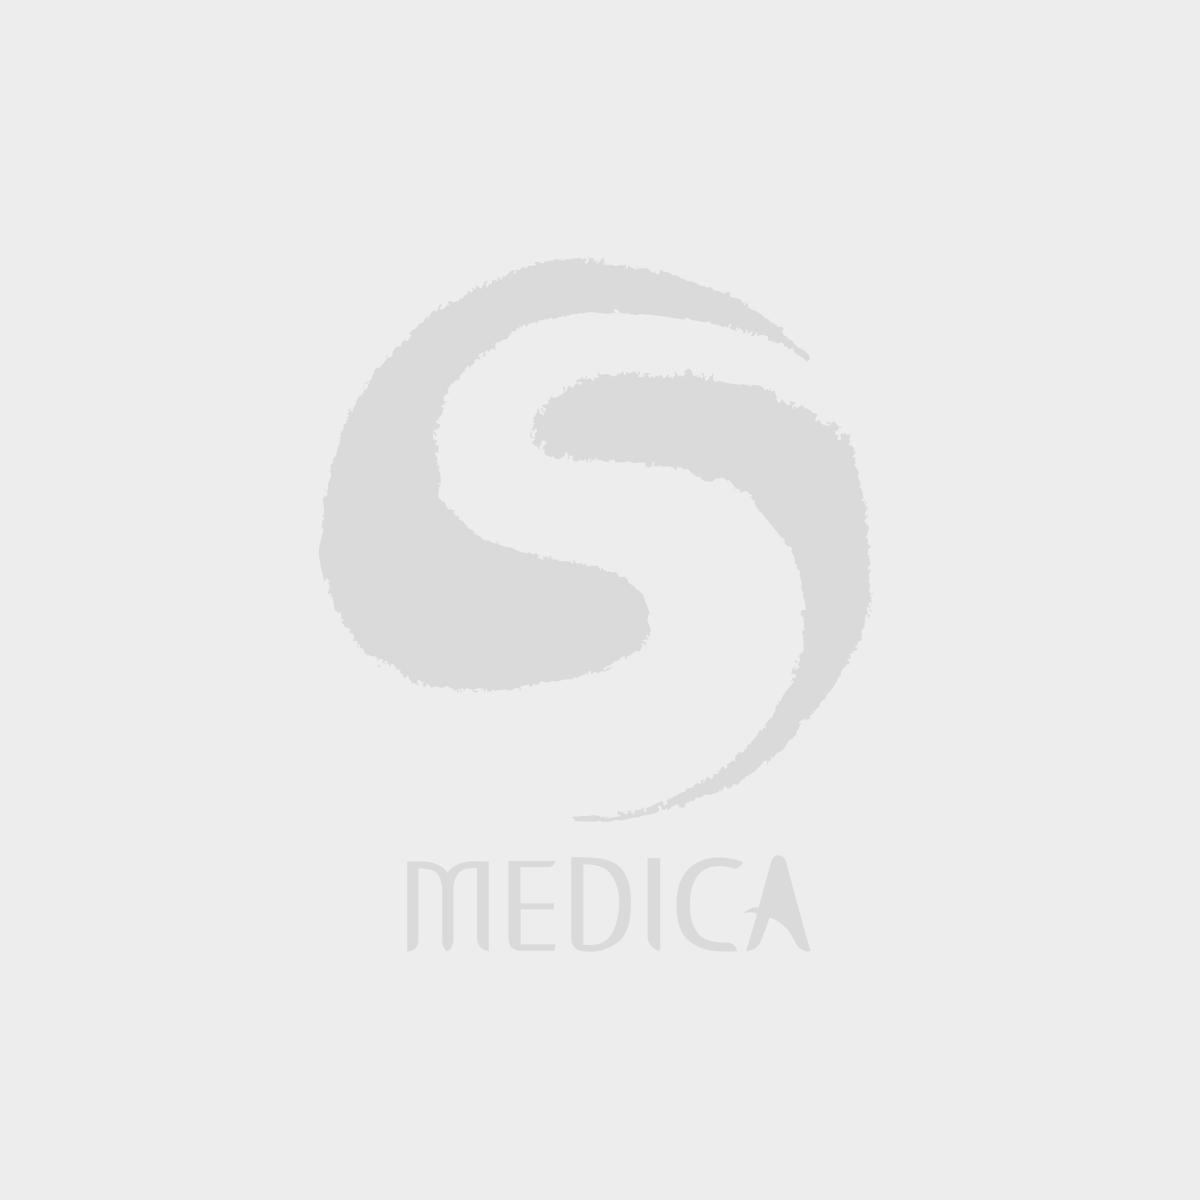 介護事業所向け「スマホ時代の求人戦略セミナー」7月17日(水)13時30分~